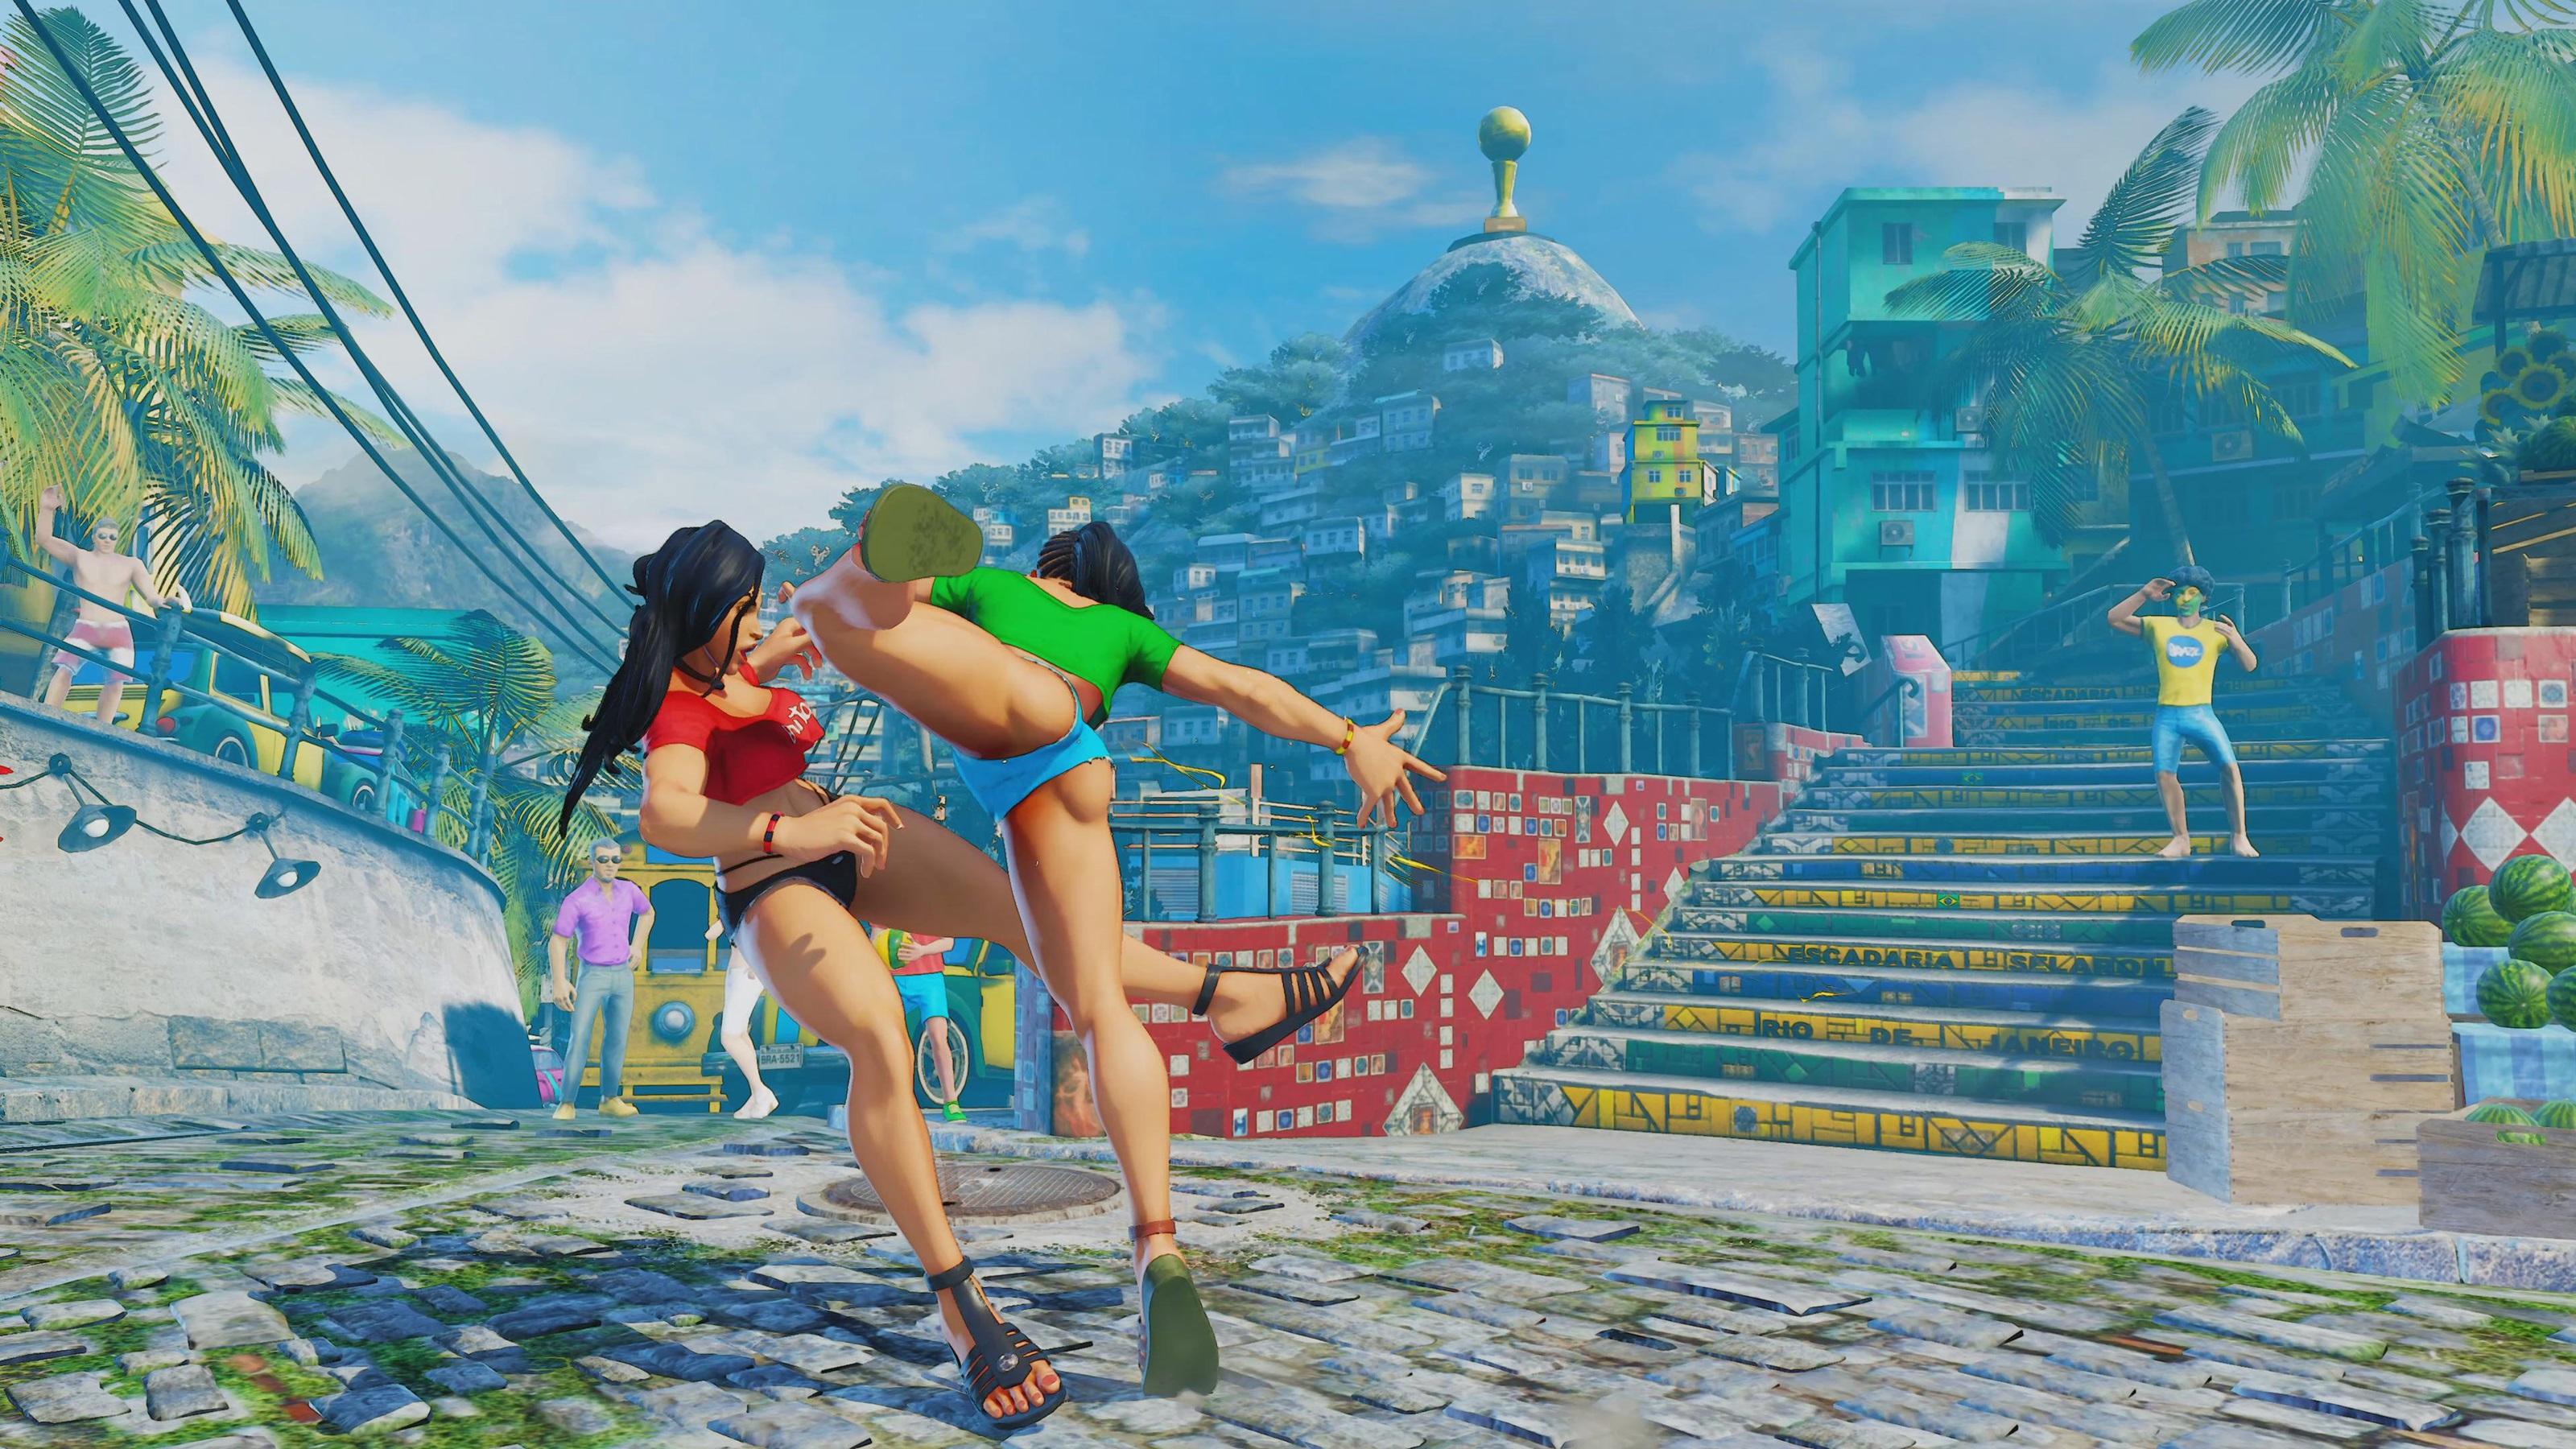 776e799f6 Roupas alternativas já aparecem em Street Fighter V, confira a galeria